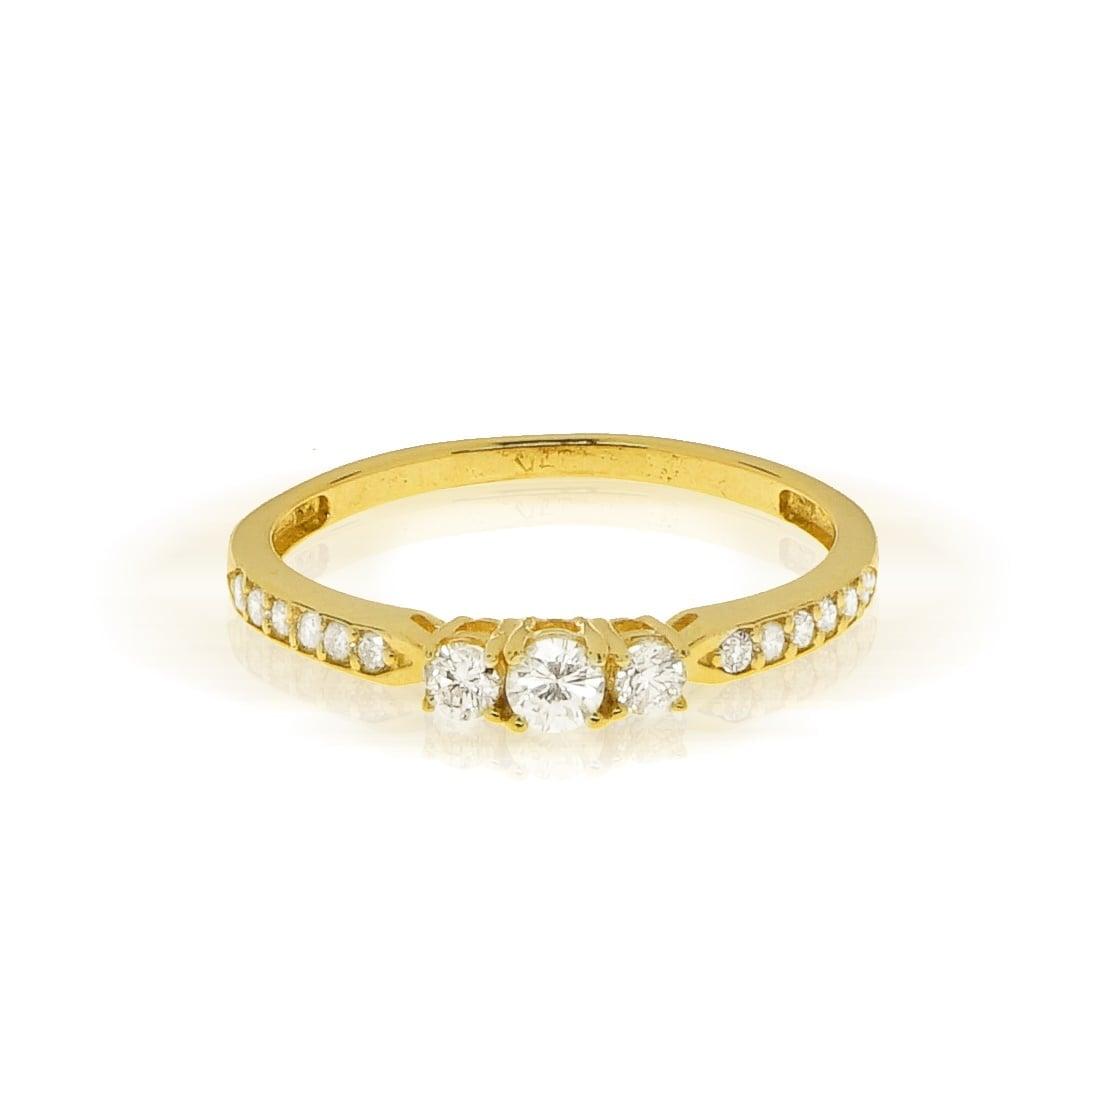 טבעת אירוסין יהלומים 0.38 קראט בזהב 14 קרט